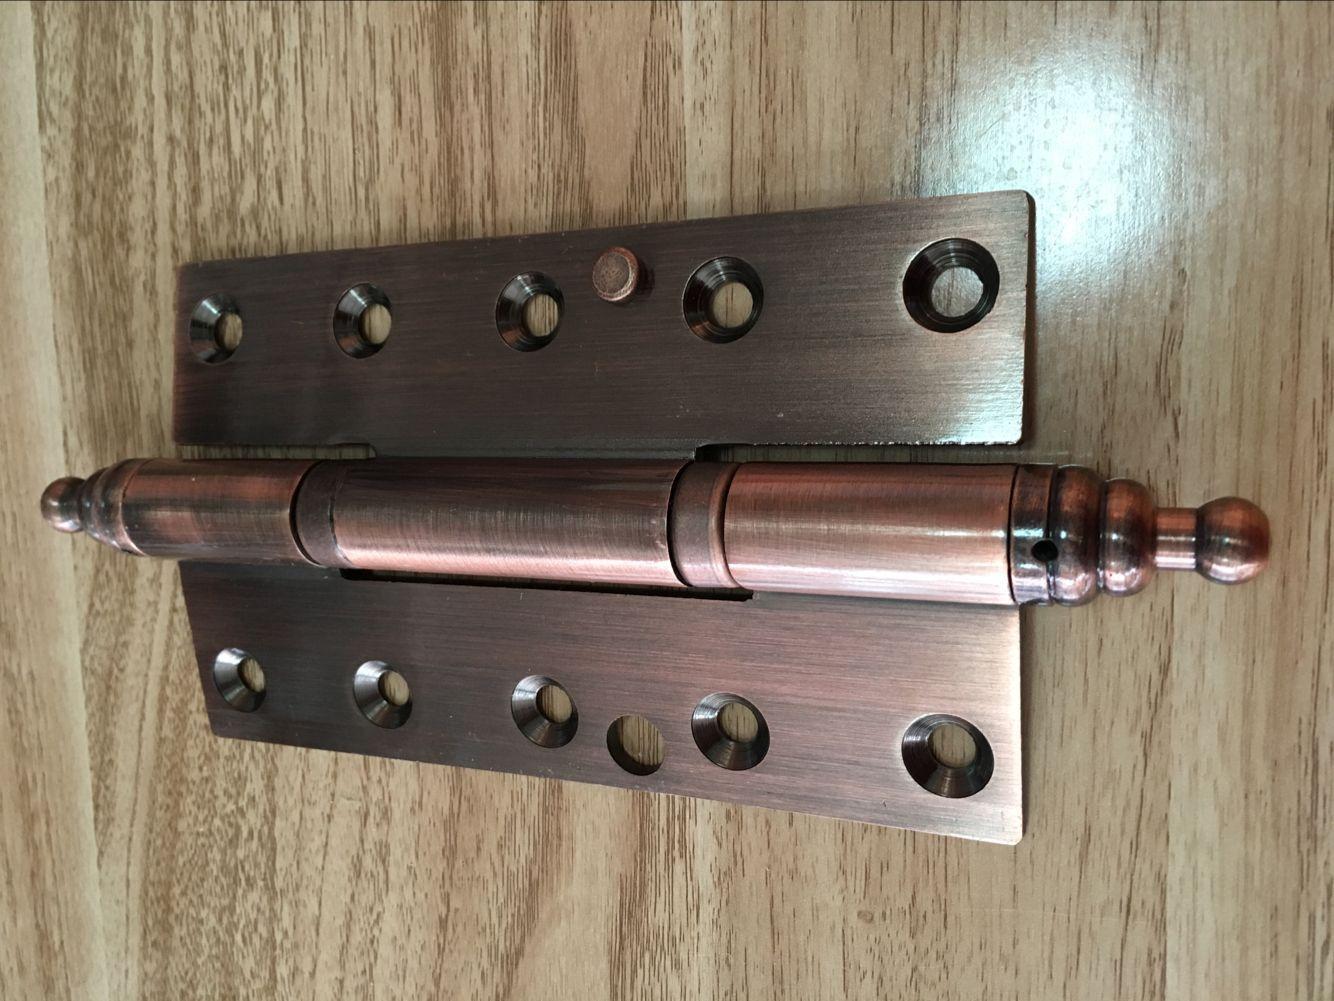 Heiß türangel 8 - Zoll - Braun - 180*45 drahtzieherei Stumm MIT scharnier Tür - Bronze